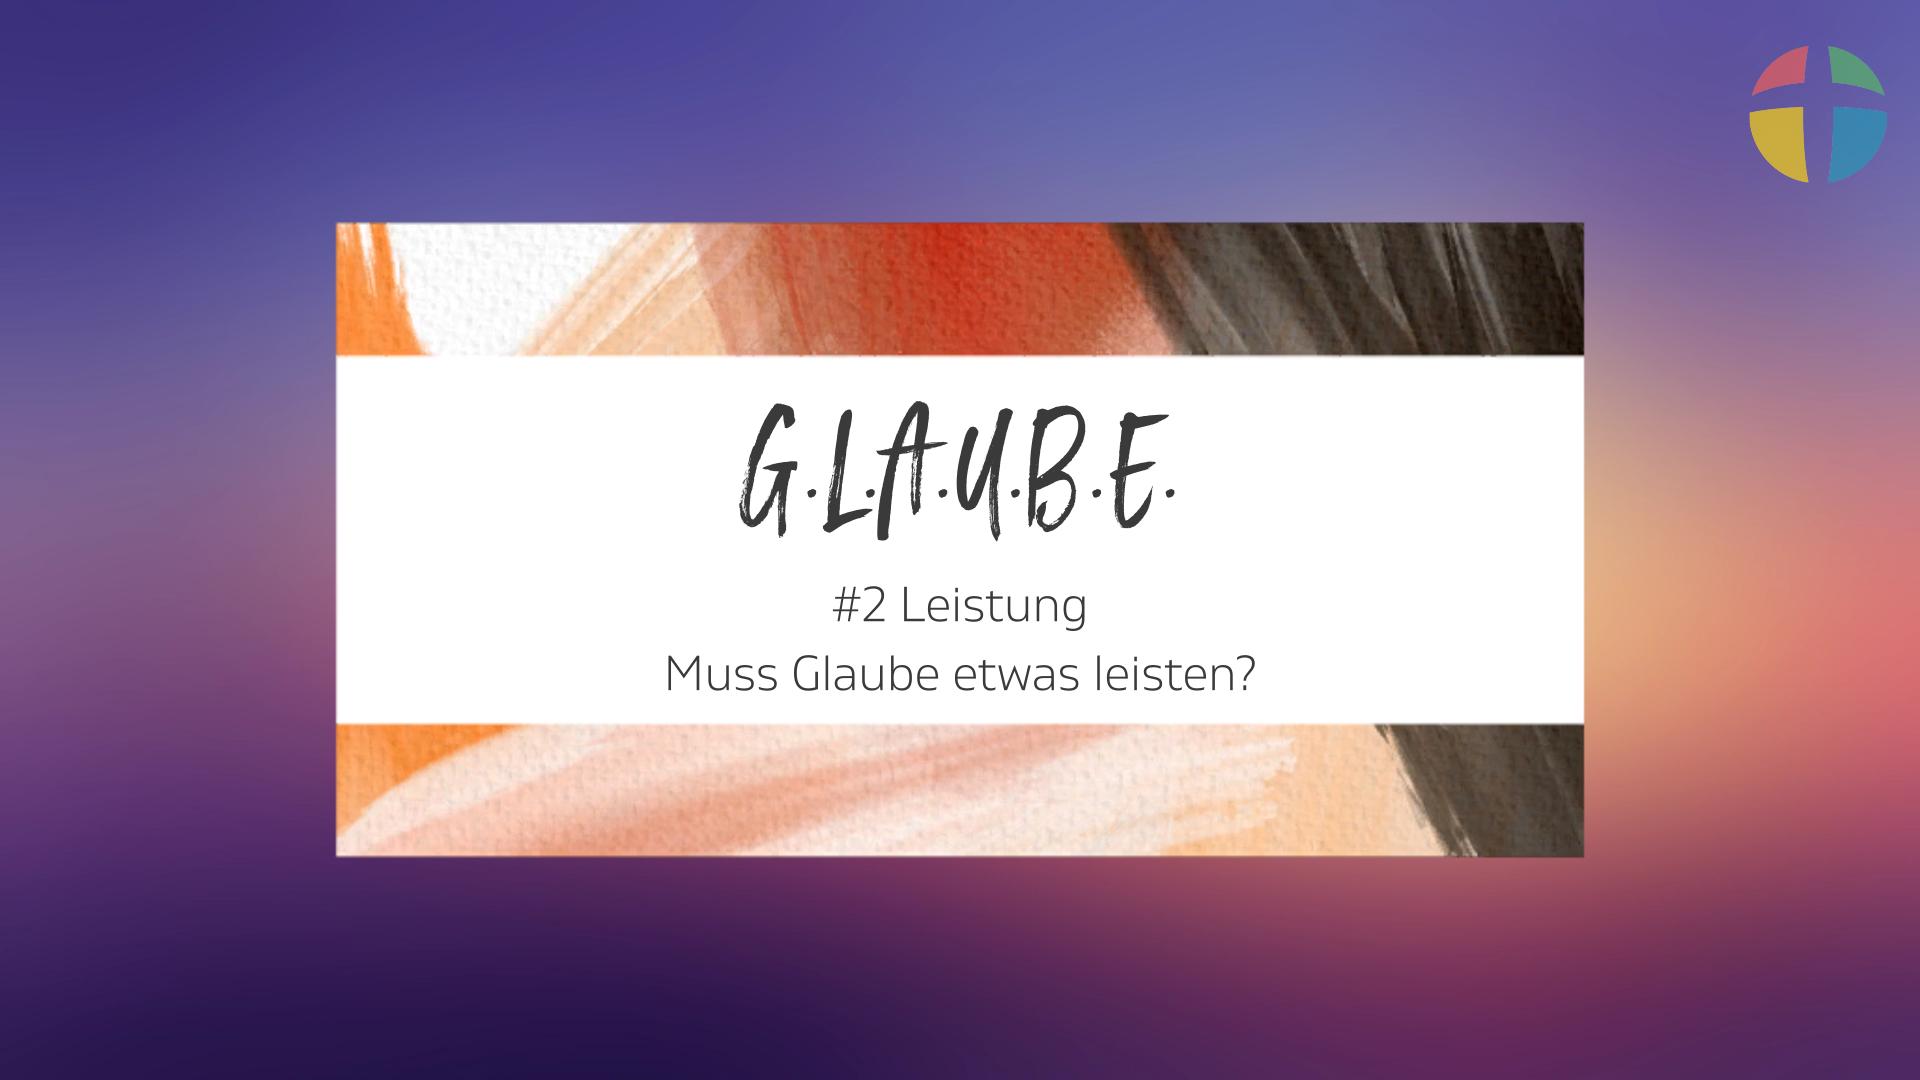 G.L.A.U.B.E. #2 Leistung